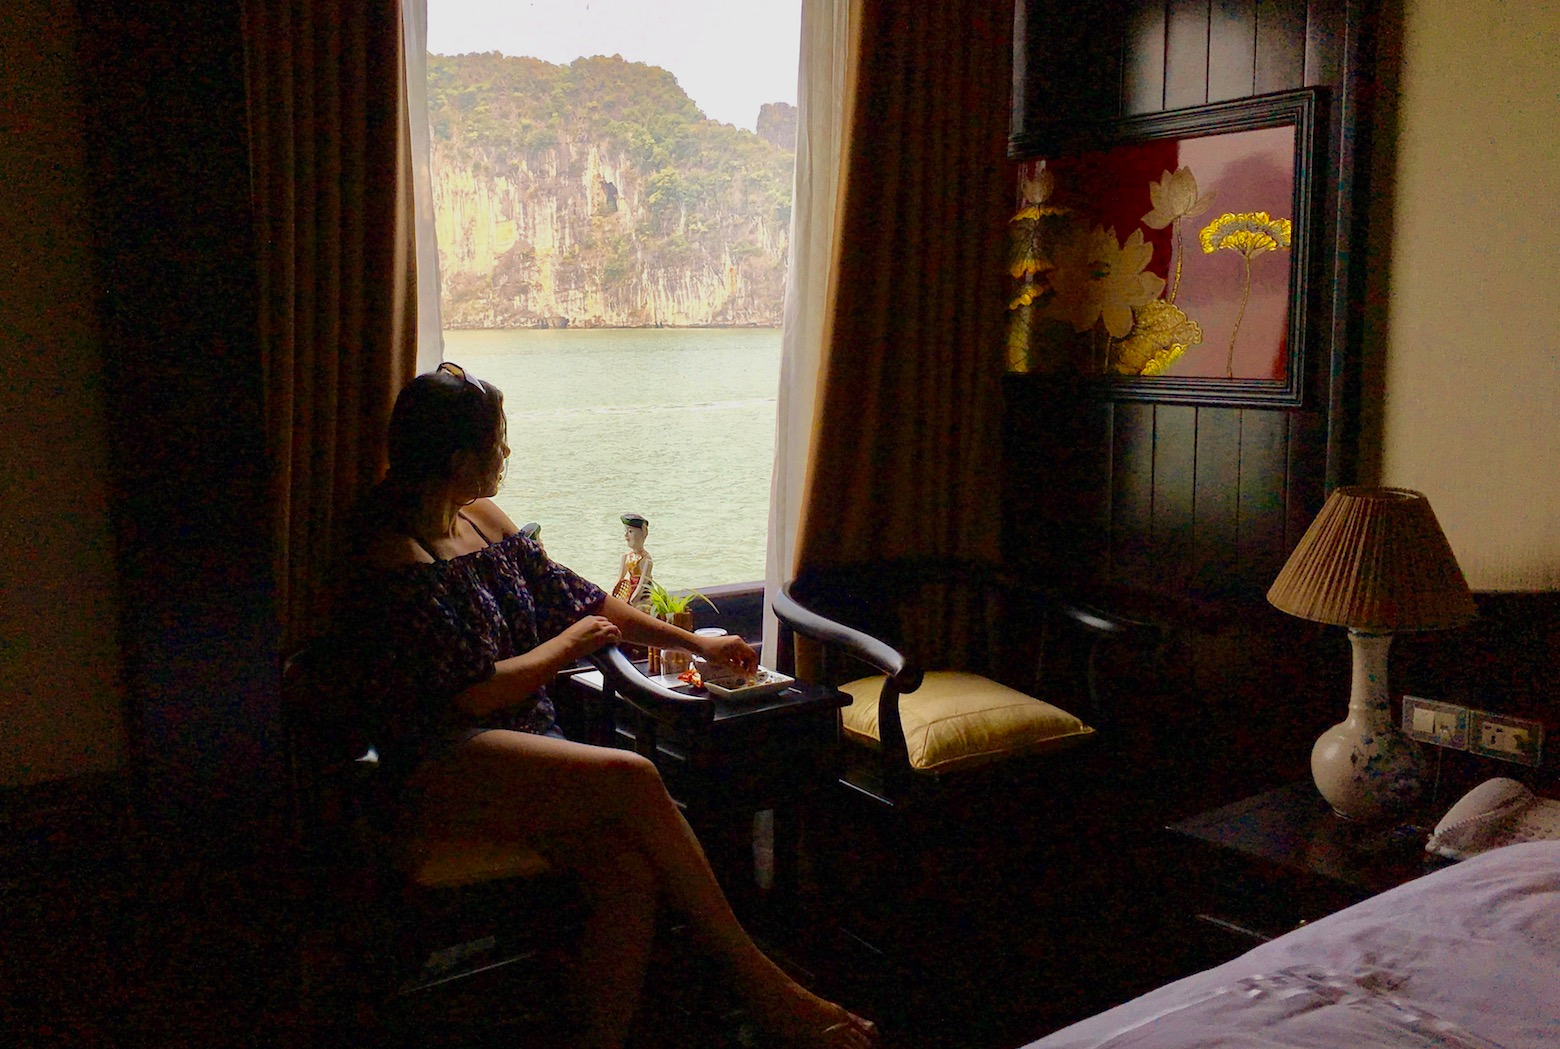 Dragon Legend Cruise | Cruzeiro em Halong Bay no Vietnã | Foto: David Mattatia